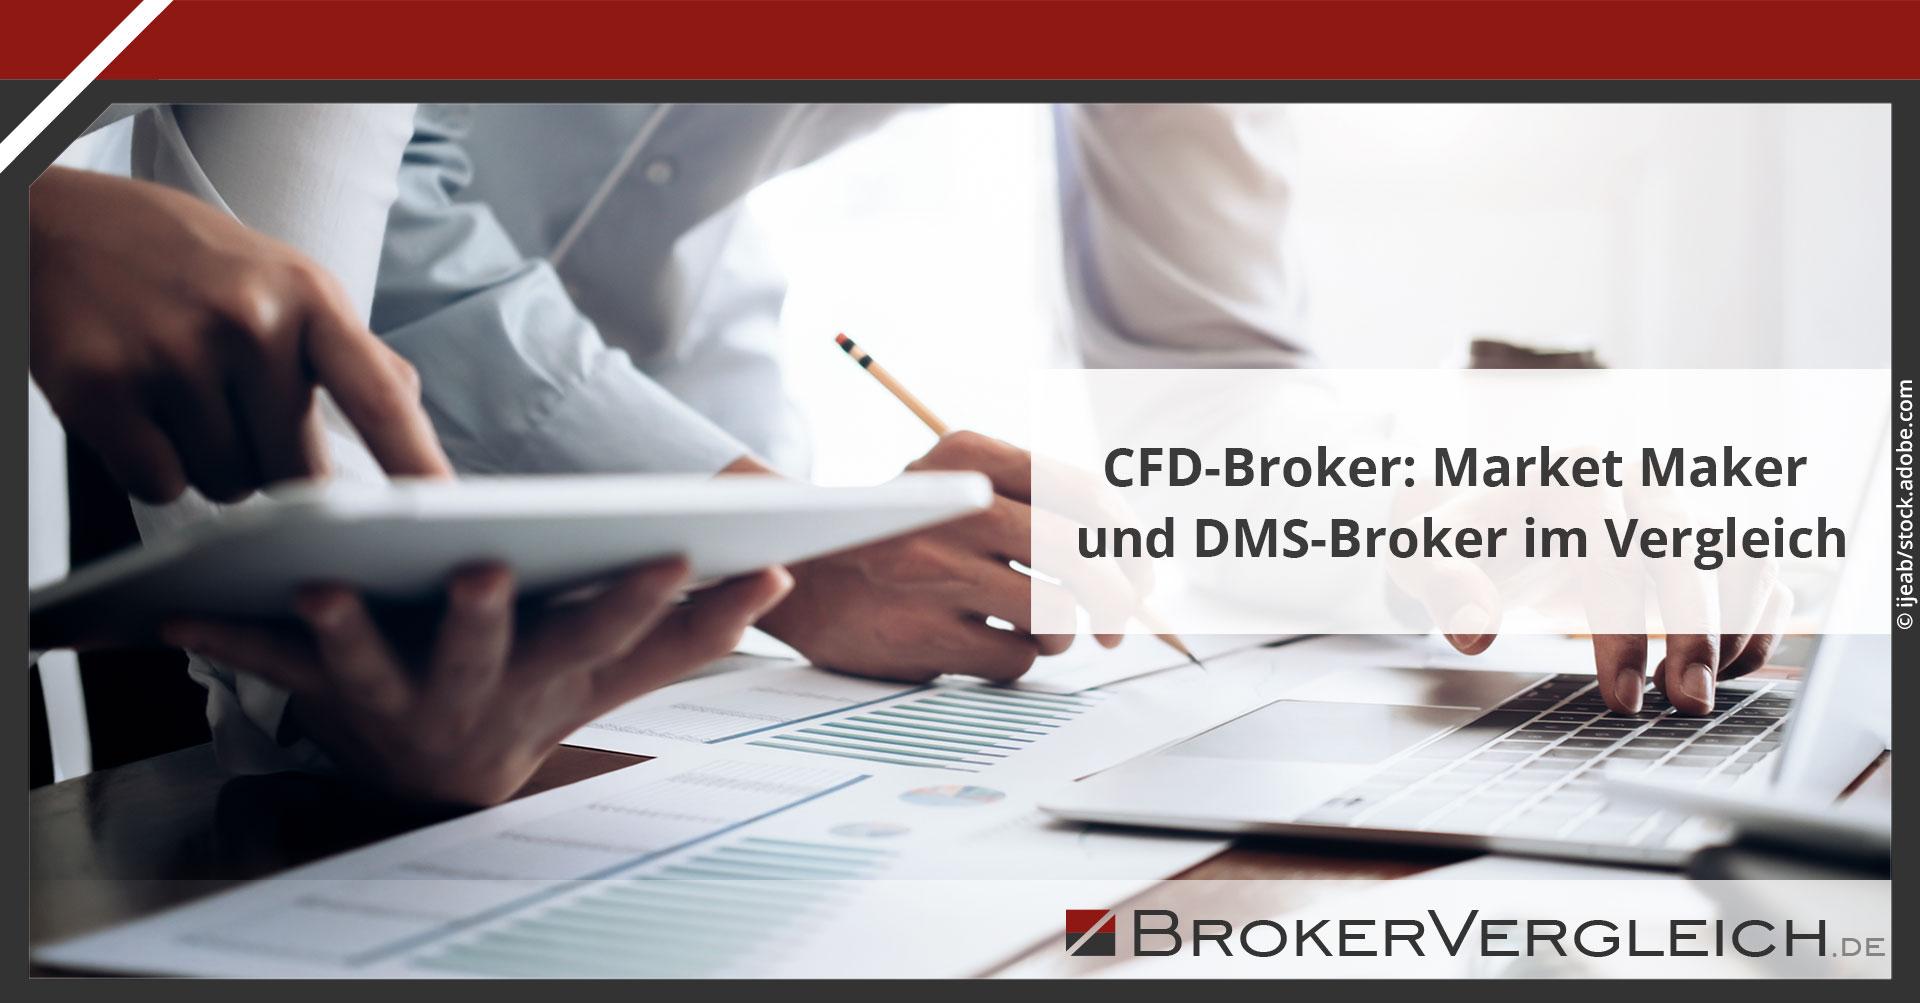 Zum Beitrag - CFD-Broker: Market Maker und DMS-Broker im Vergleich